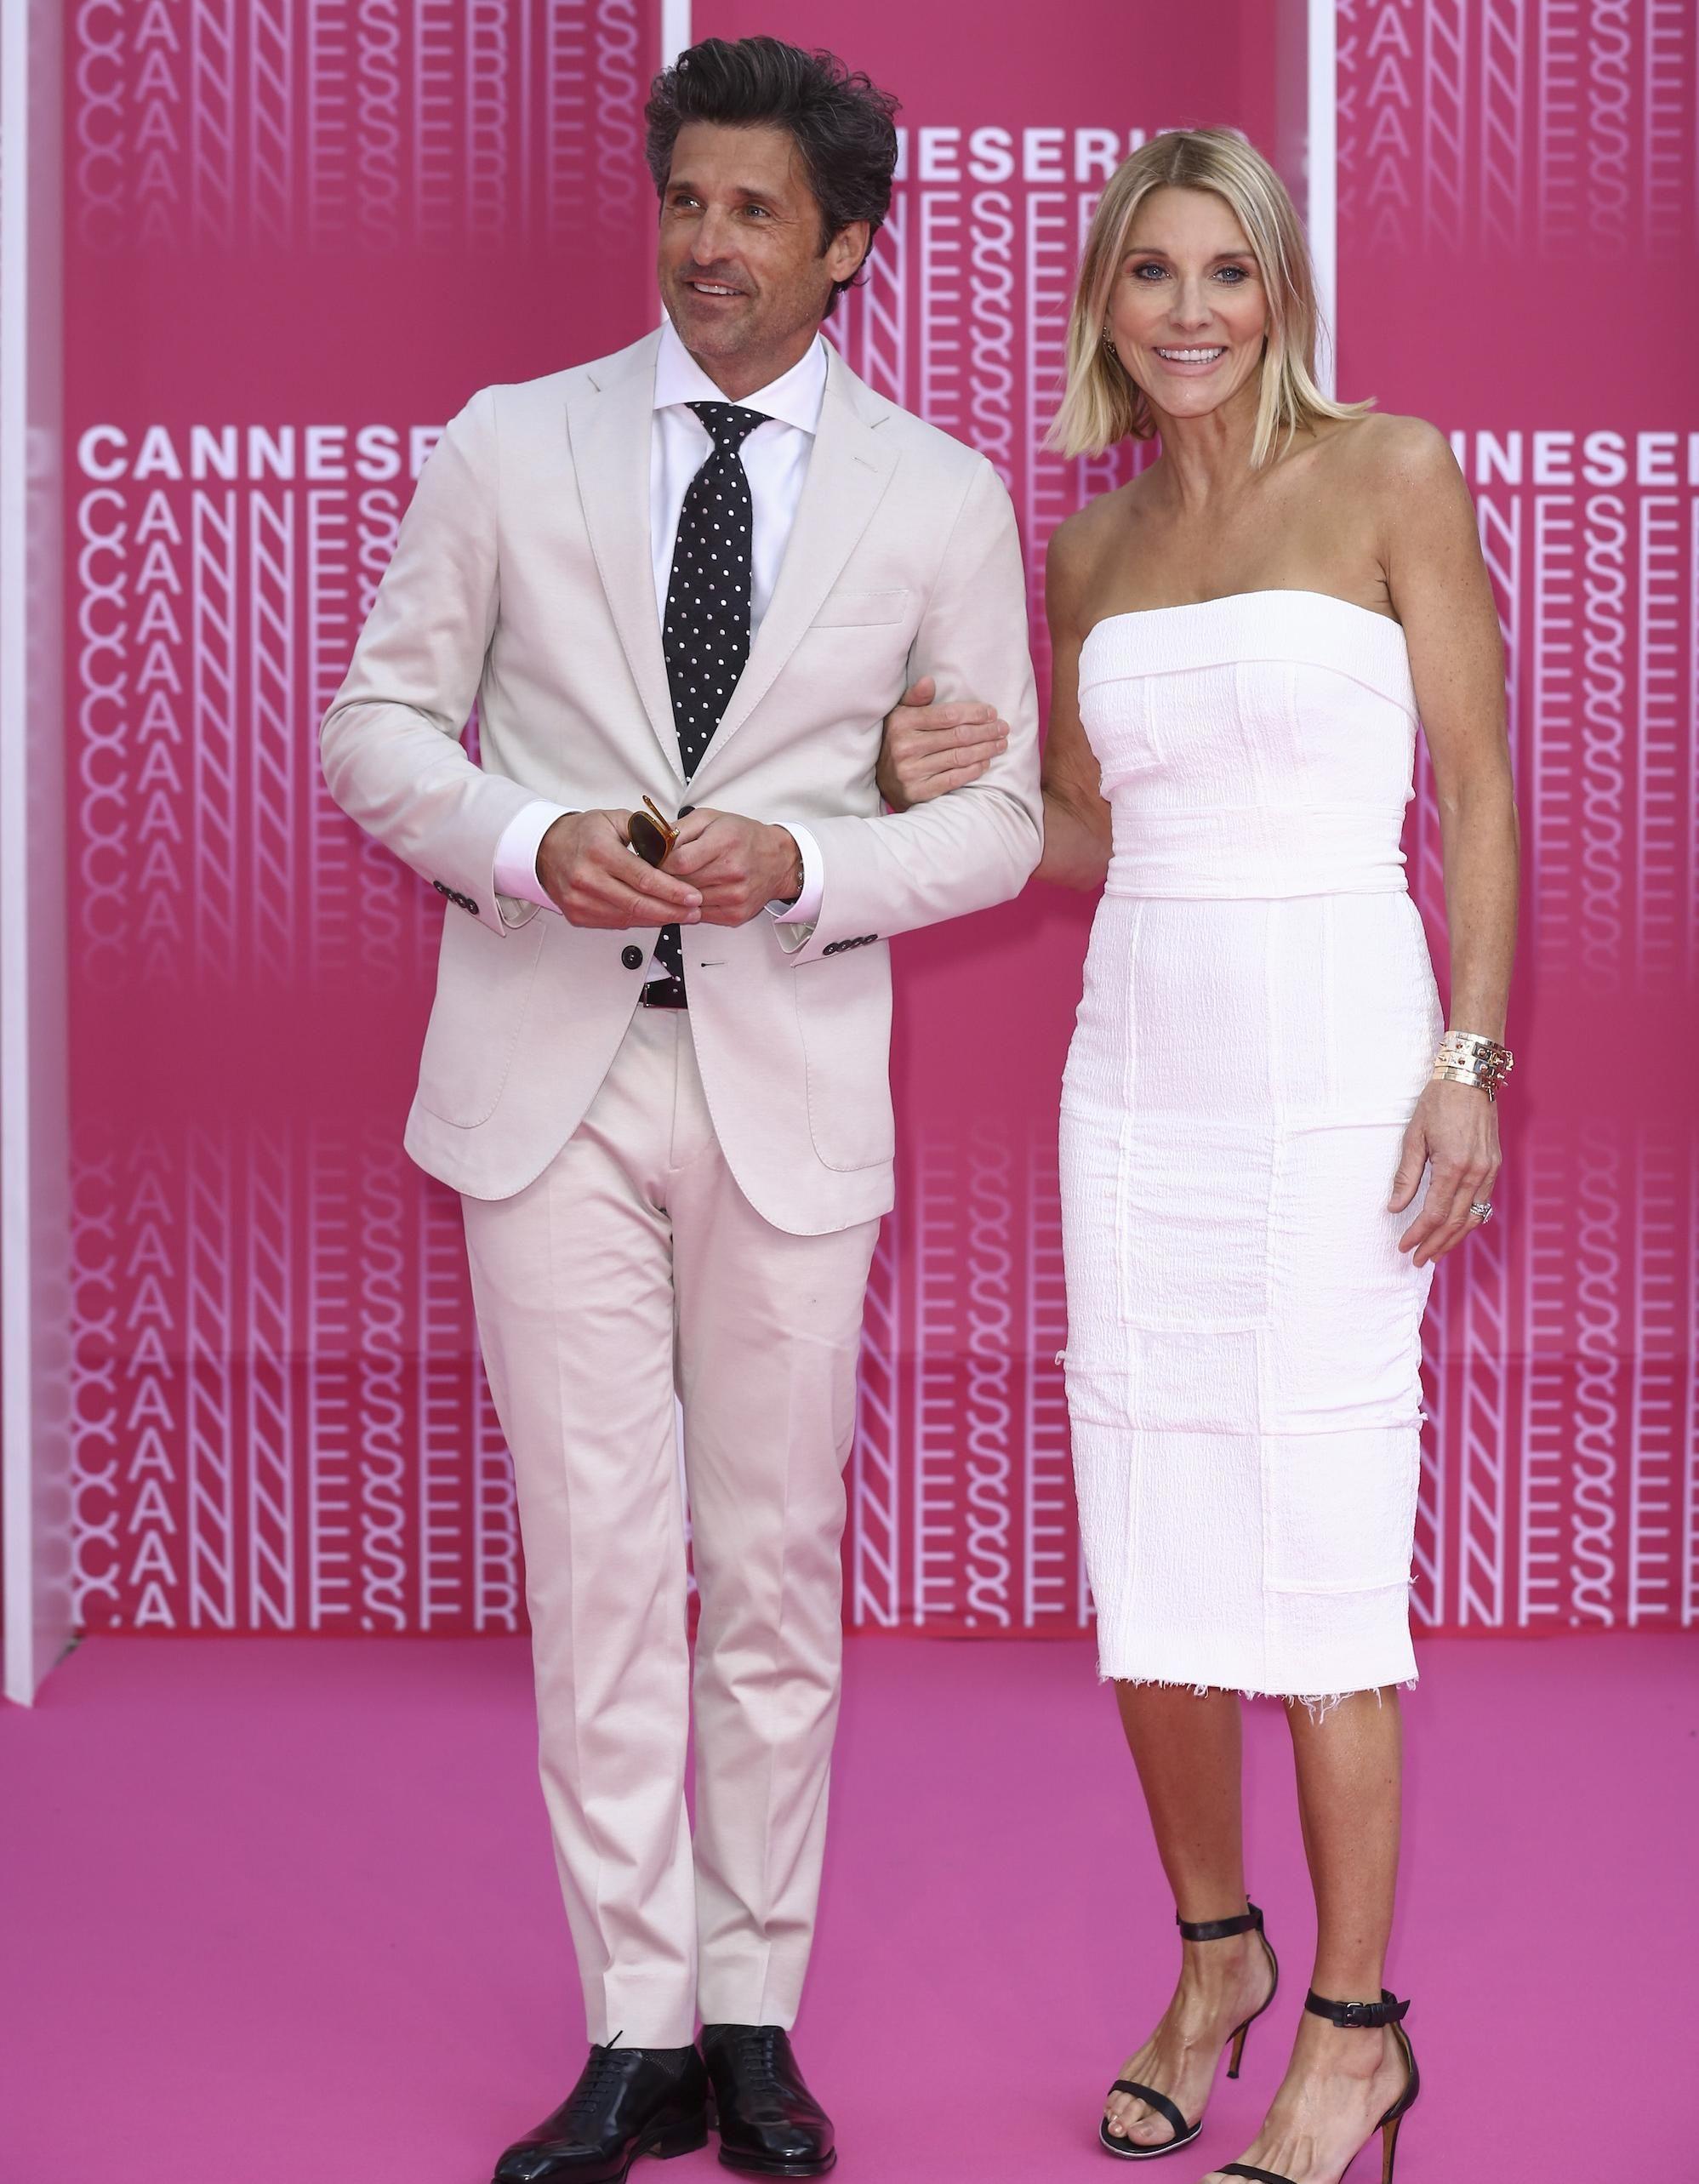 CanneSéries : Patrick Dempsey et sa femme, élégants en blanc pour la soirée d'ouverture de la compétition